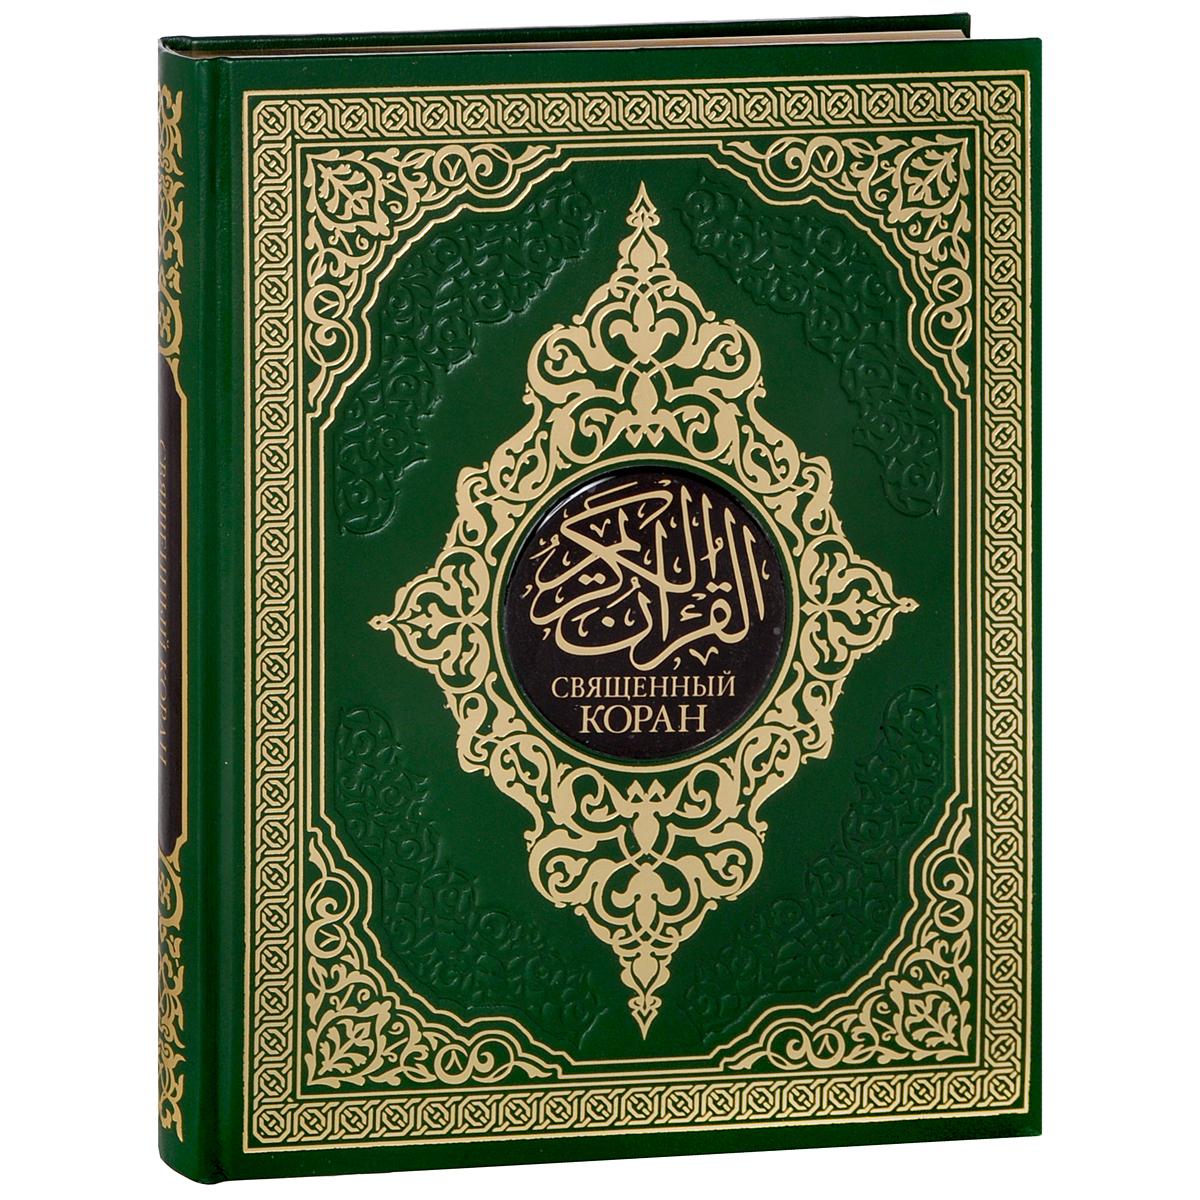 Священный Коран (подарочное издание) коран эксклюзивное подарочное издание